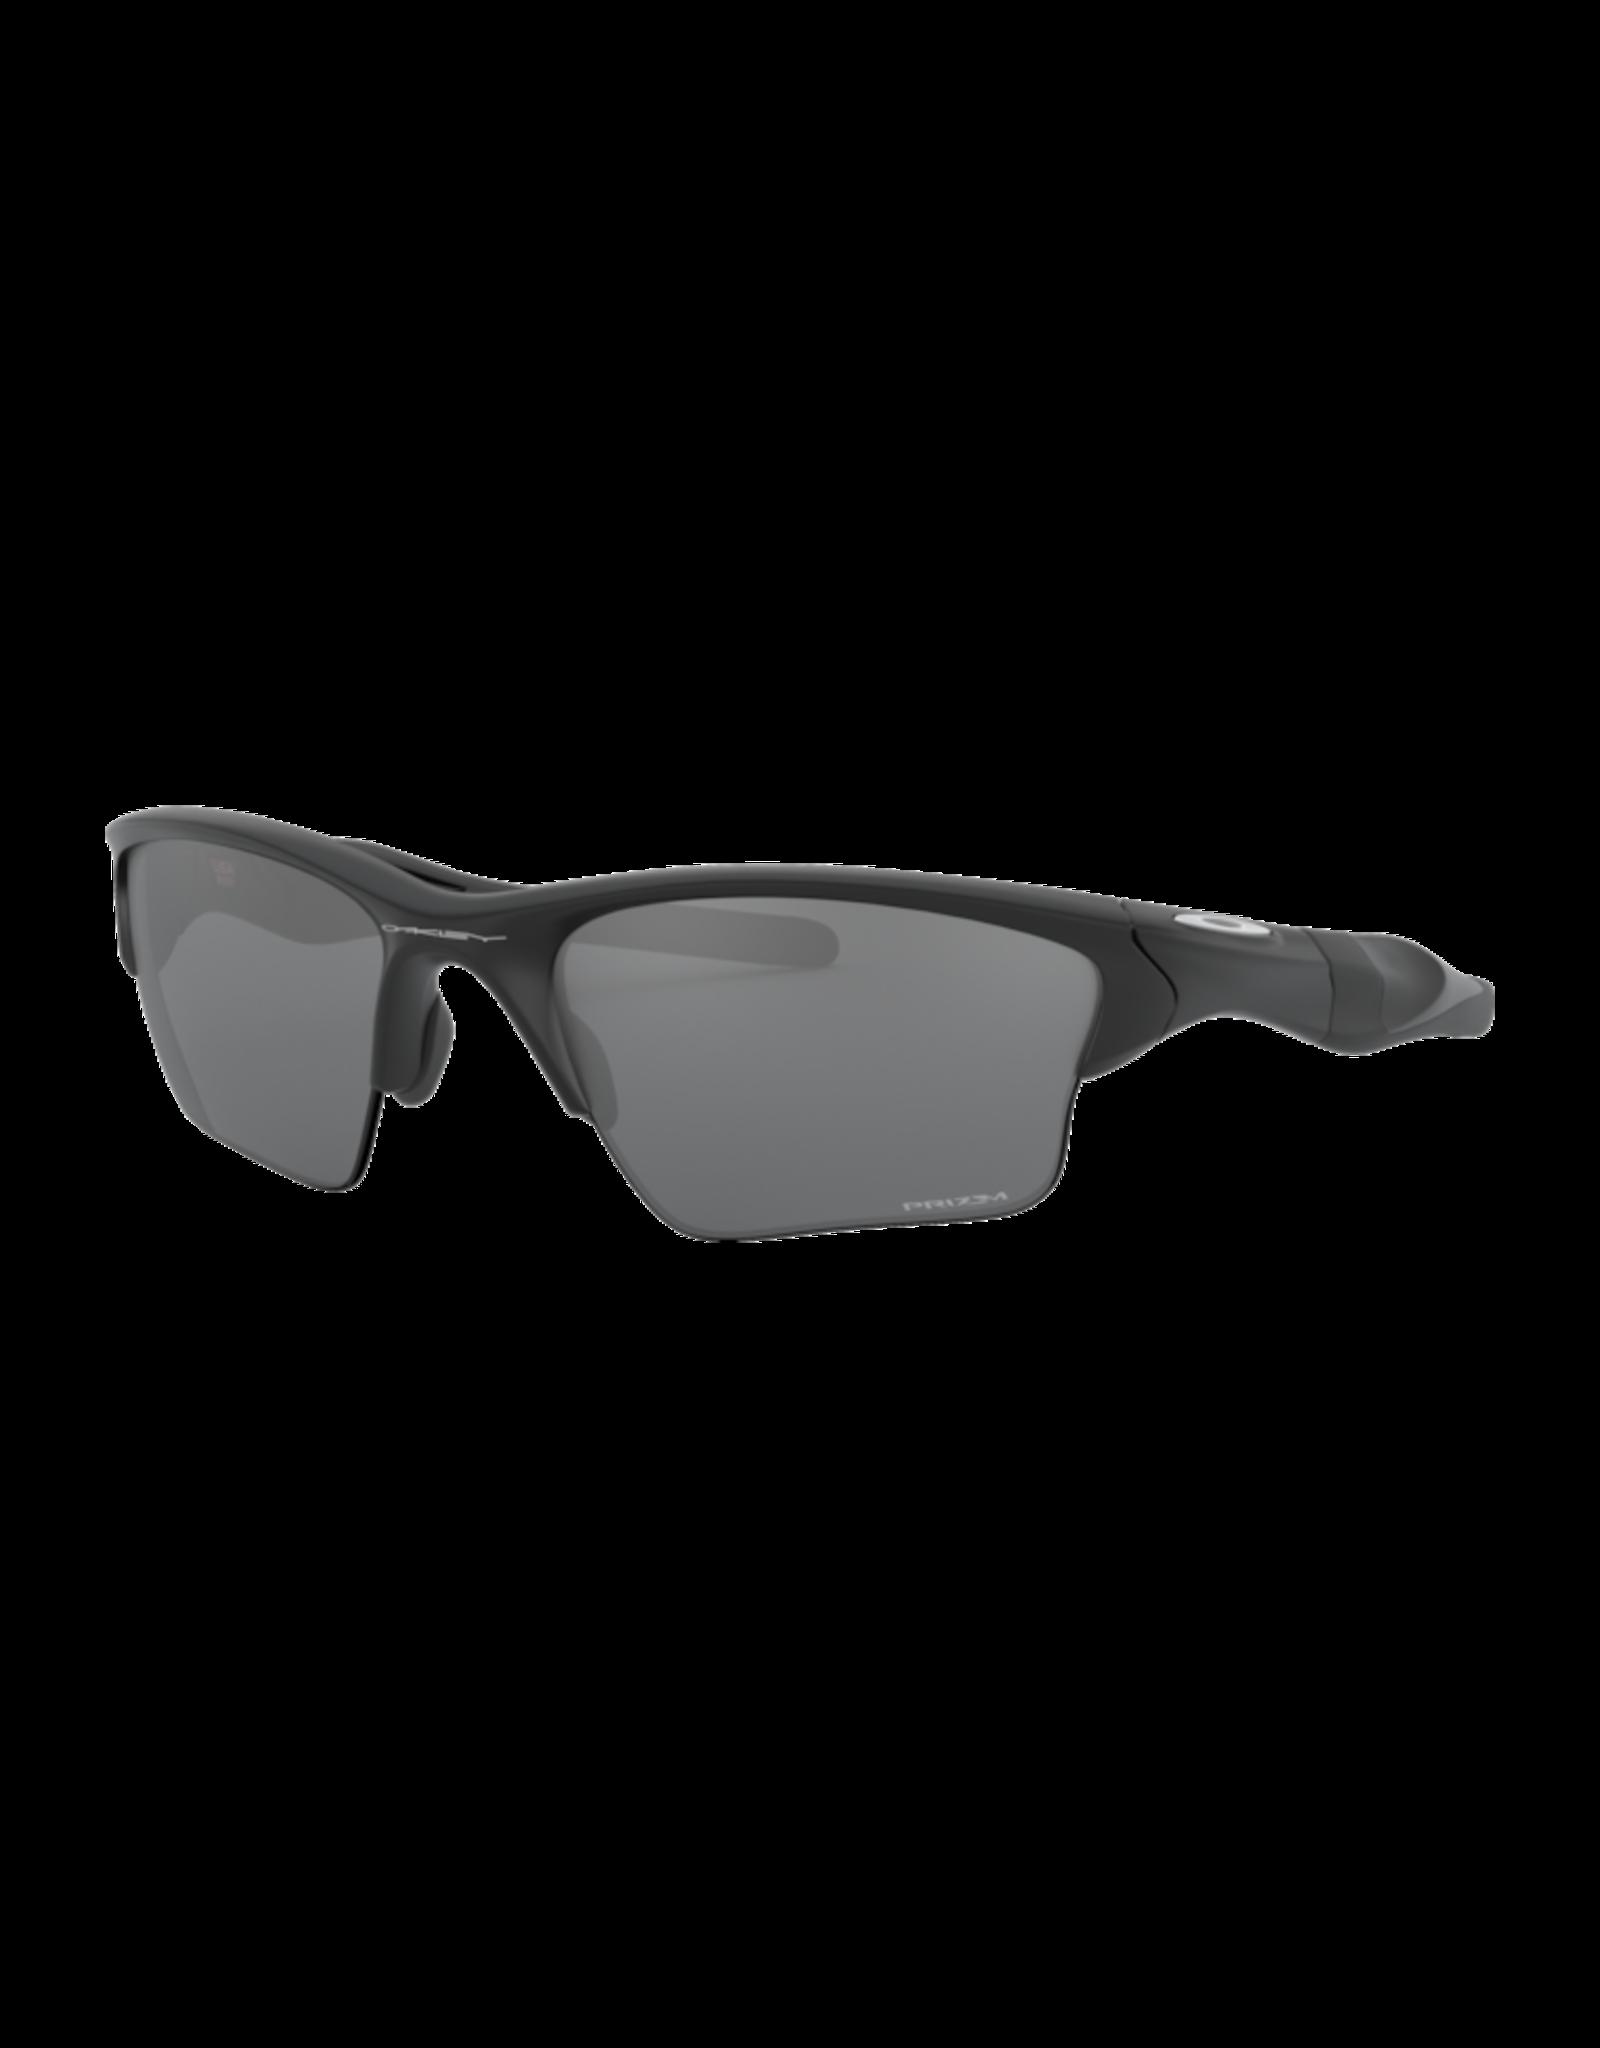 Oakley Half Jacket 2.0 XL Matte Black w/ Prizm Black